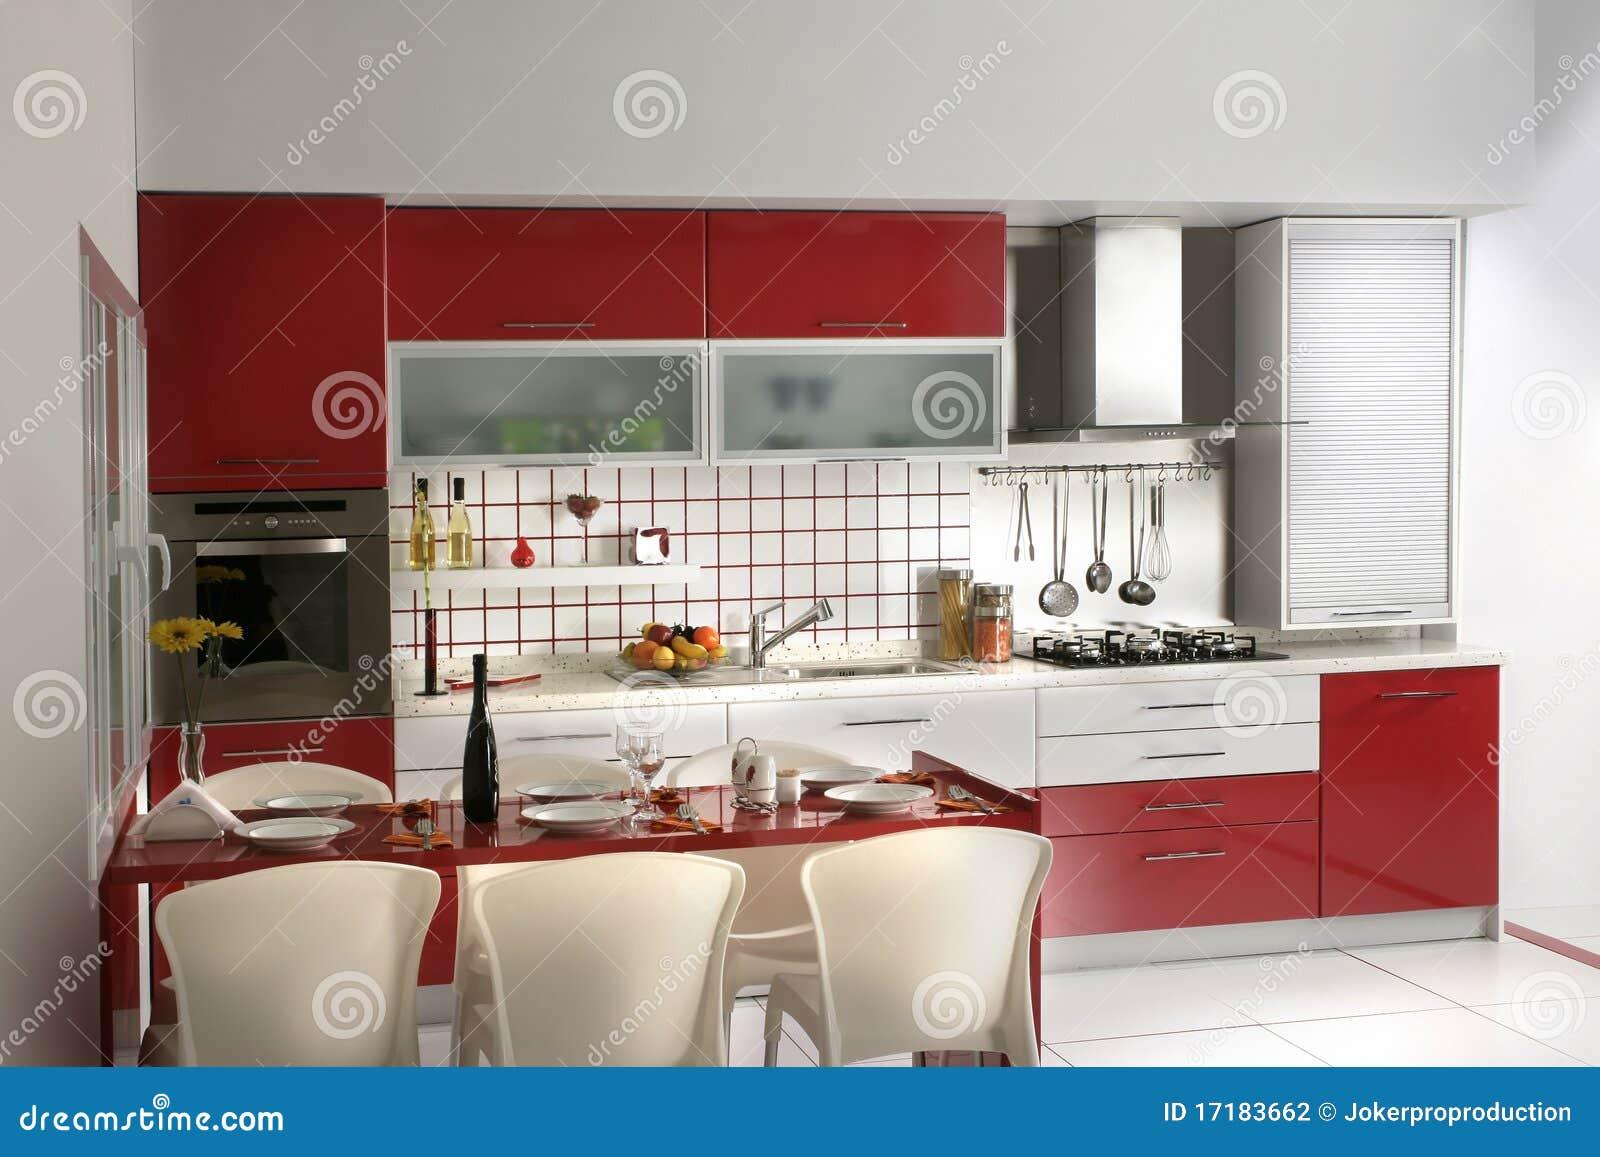 Moderne keuken stock foto afbeelding bestaande uit luxe 17183662 - Moderne keukenfotos ...